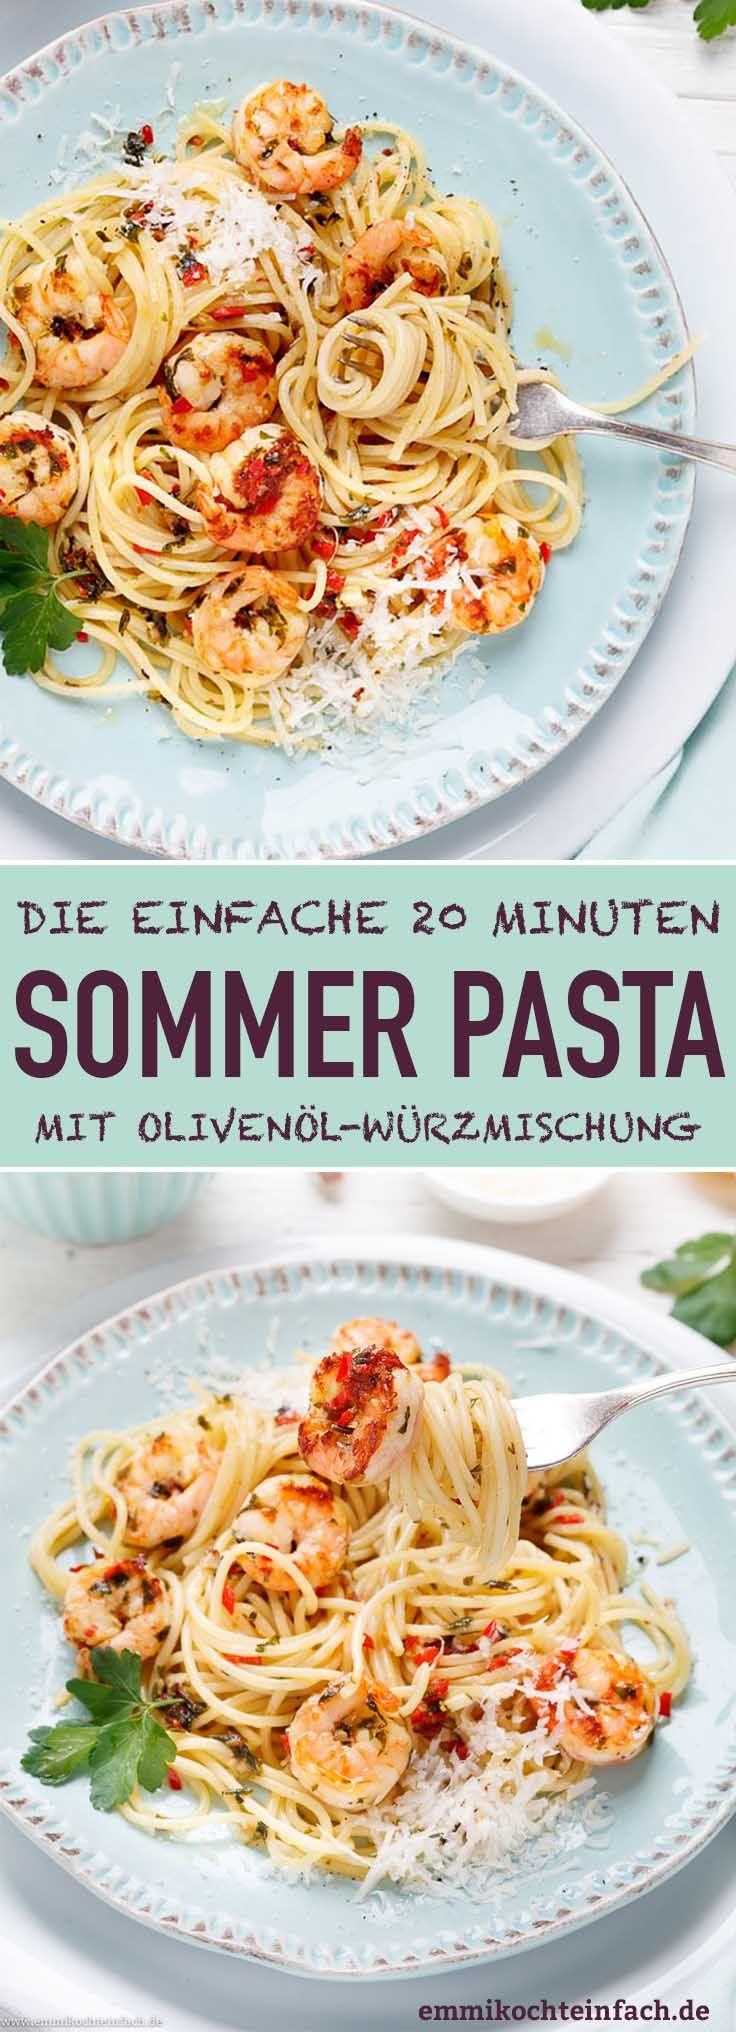 Schnelle Garnelen Pasta - in 20 Minuten auf den Tisch - emmikochteinfach